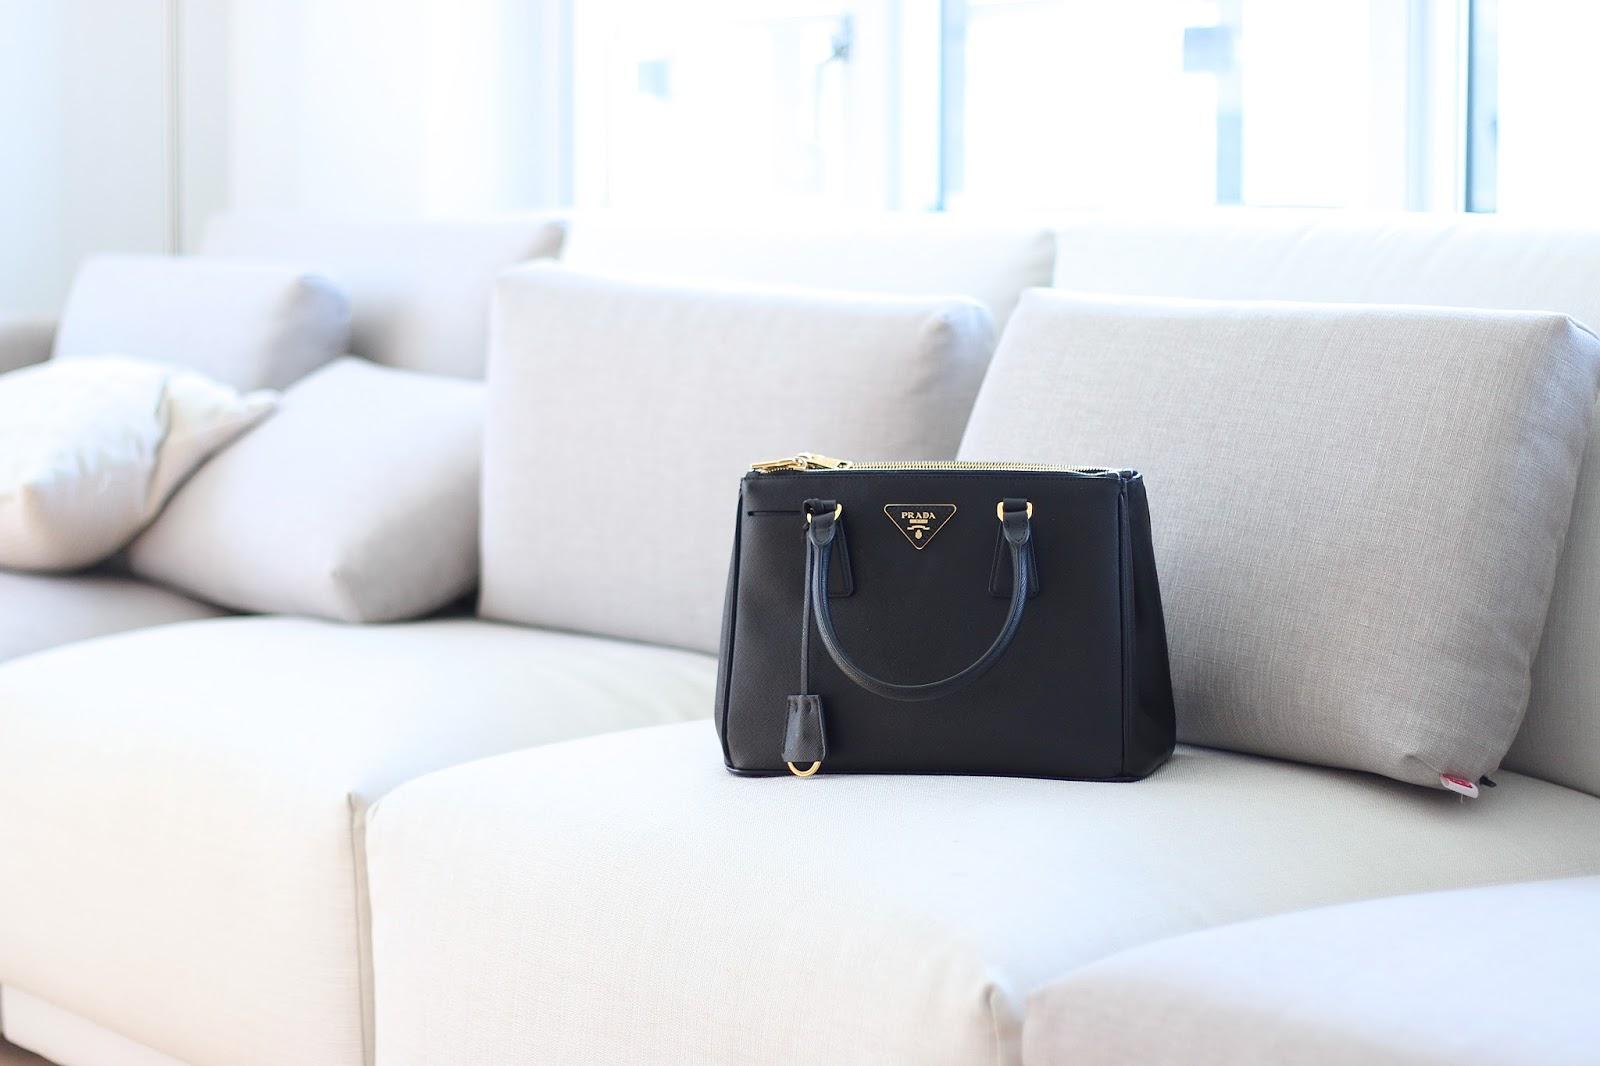 Prada Saffiano Double Zip Handbag